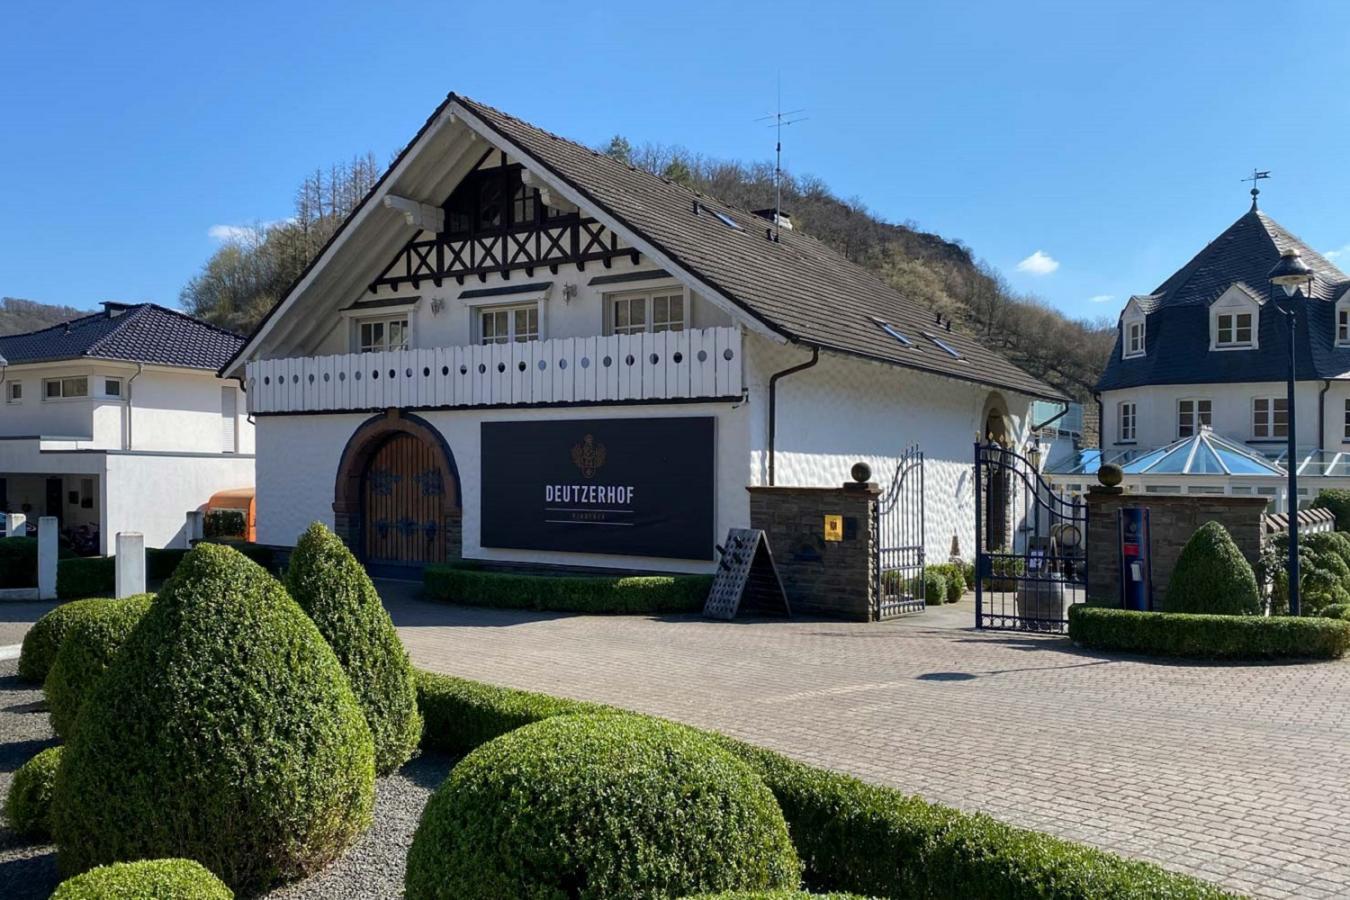 Weingut Deutzerhof Haus